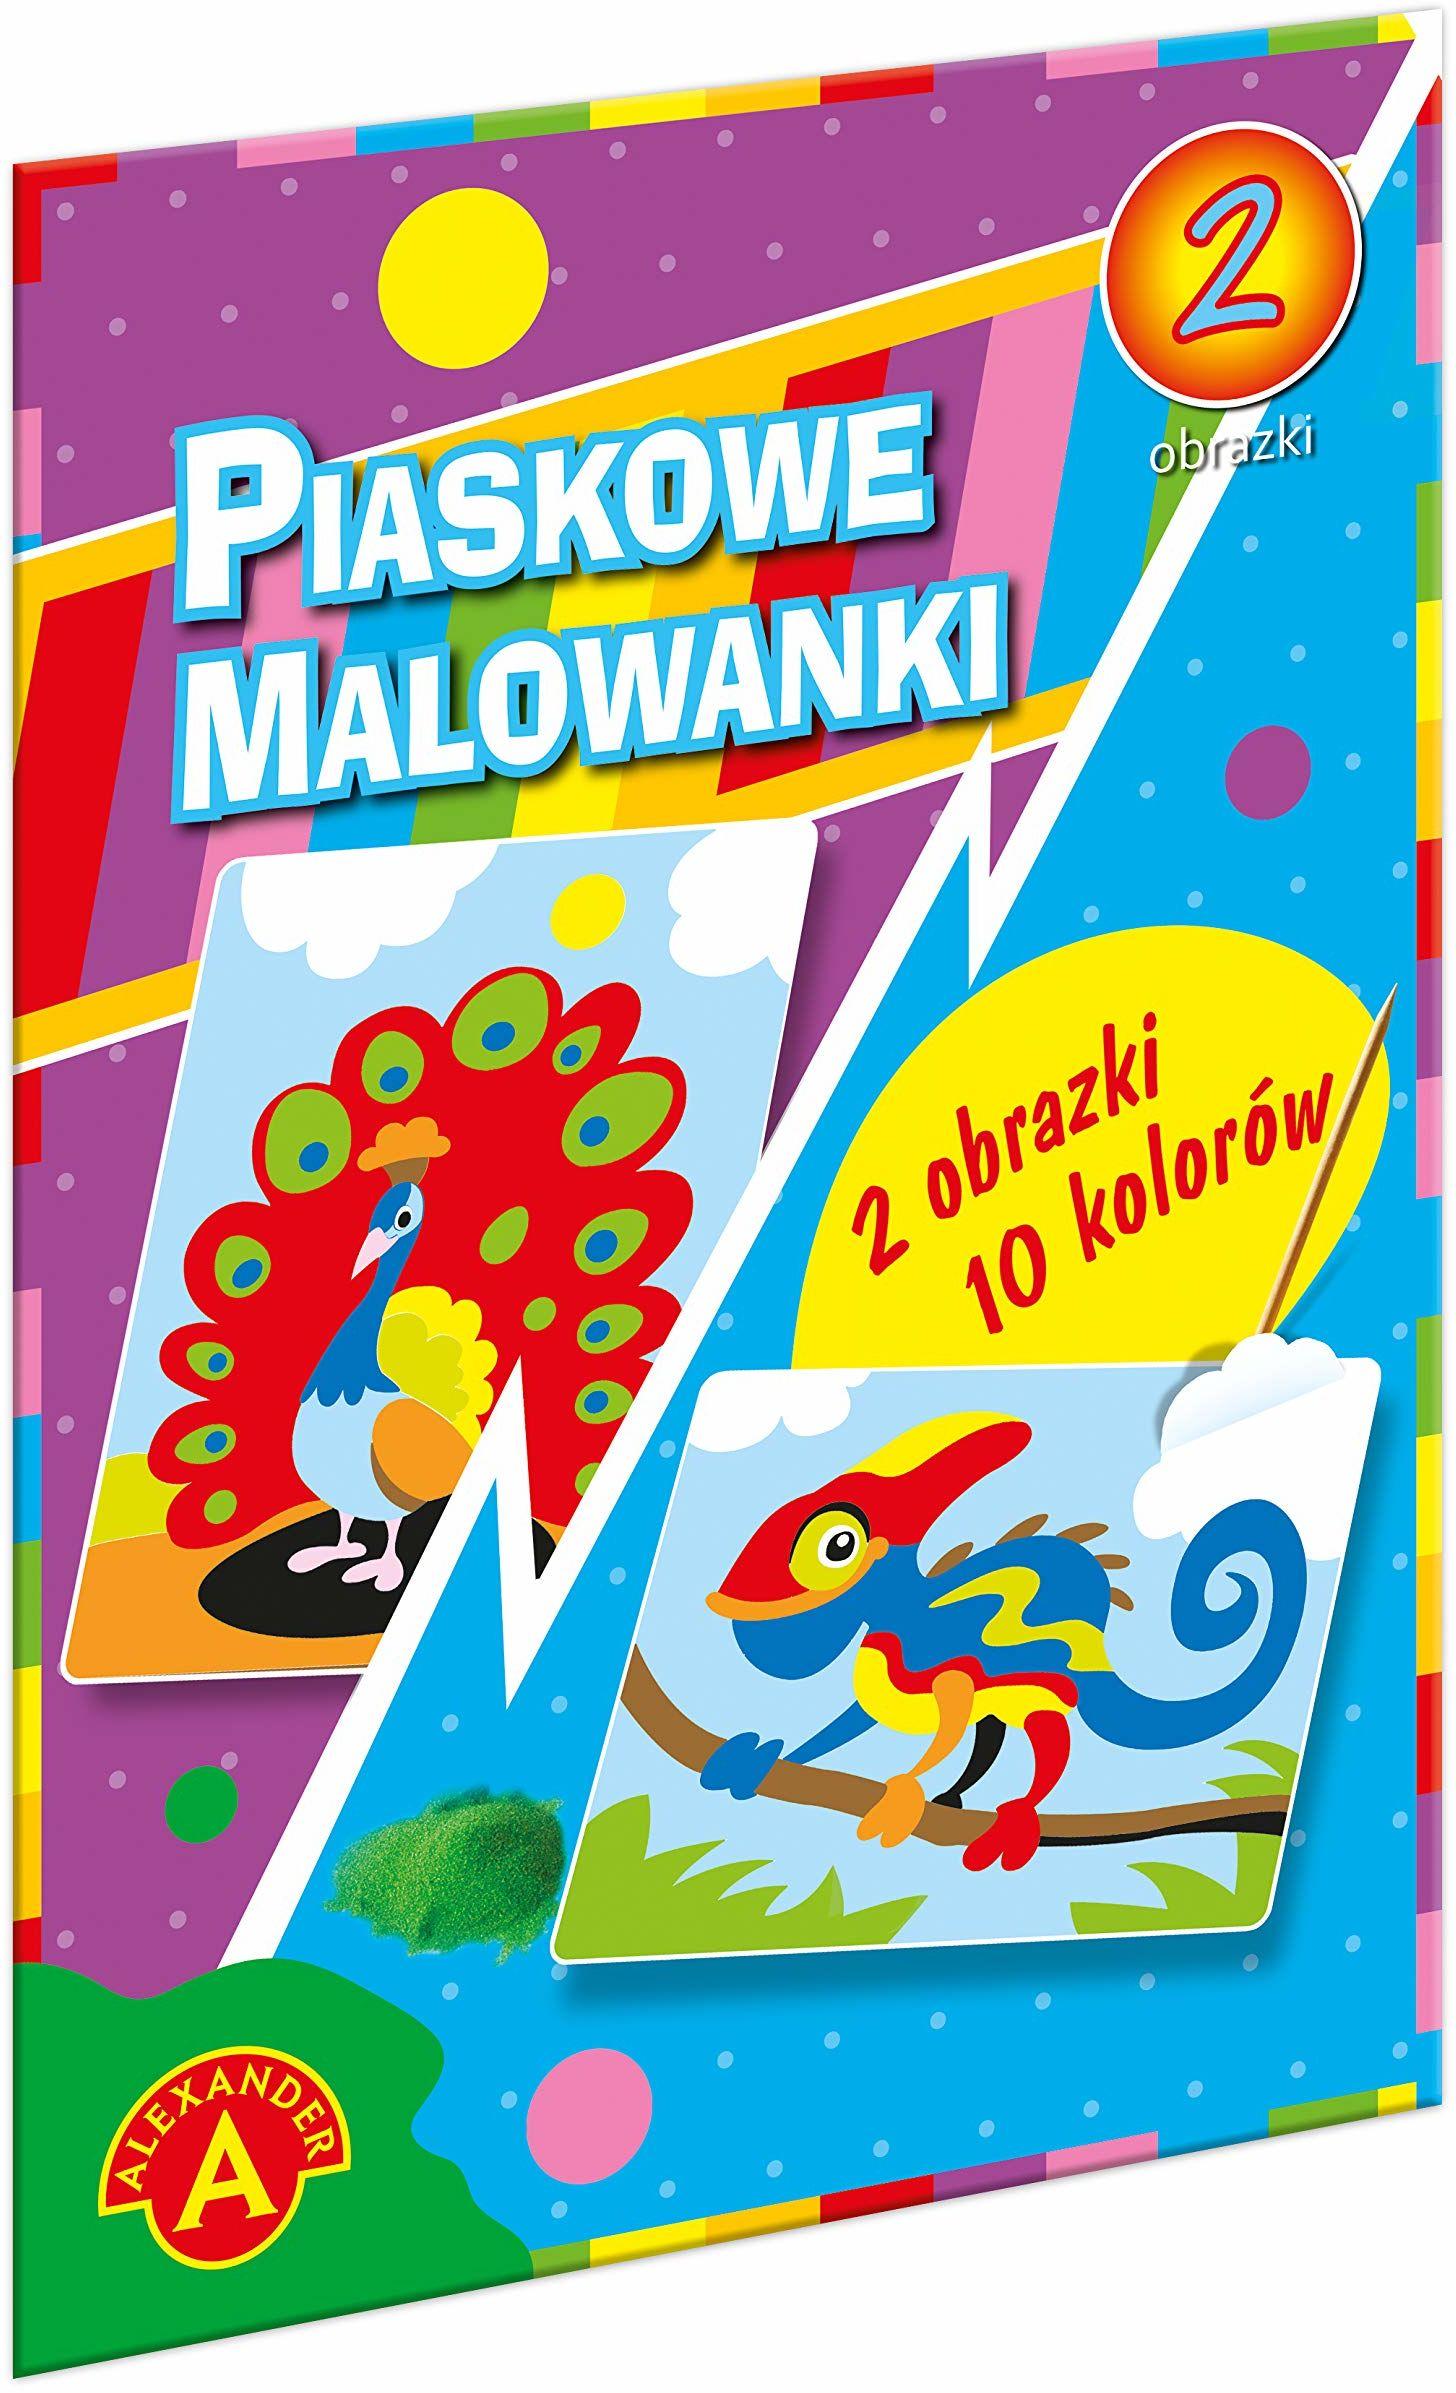 Z.P. Alexander 1399 Piaskowa Malowanka-Kameleon,Paw